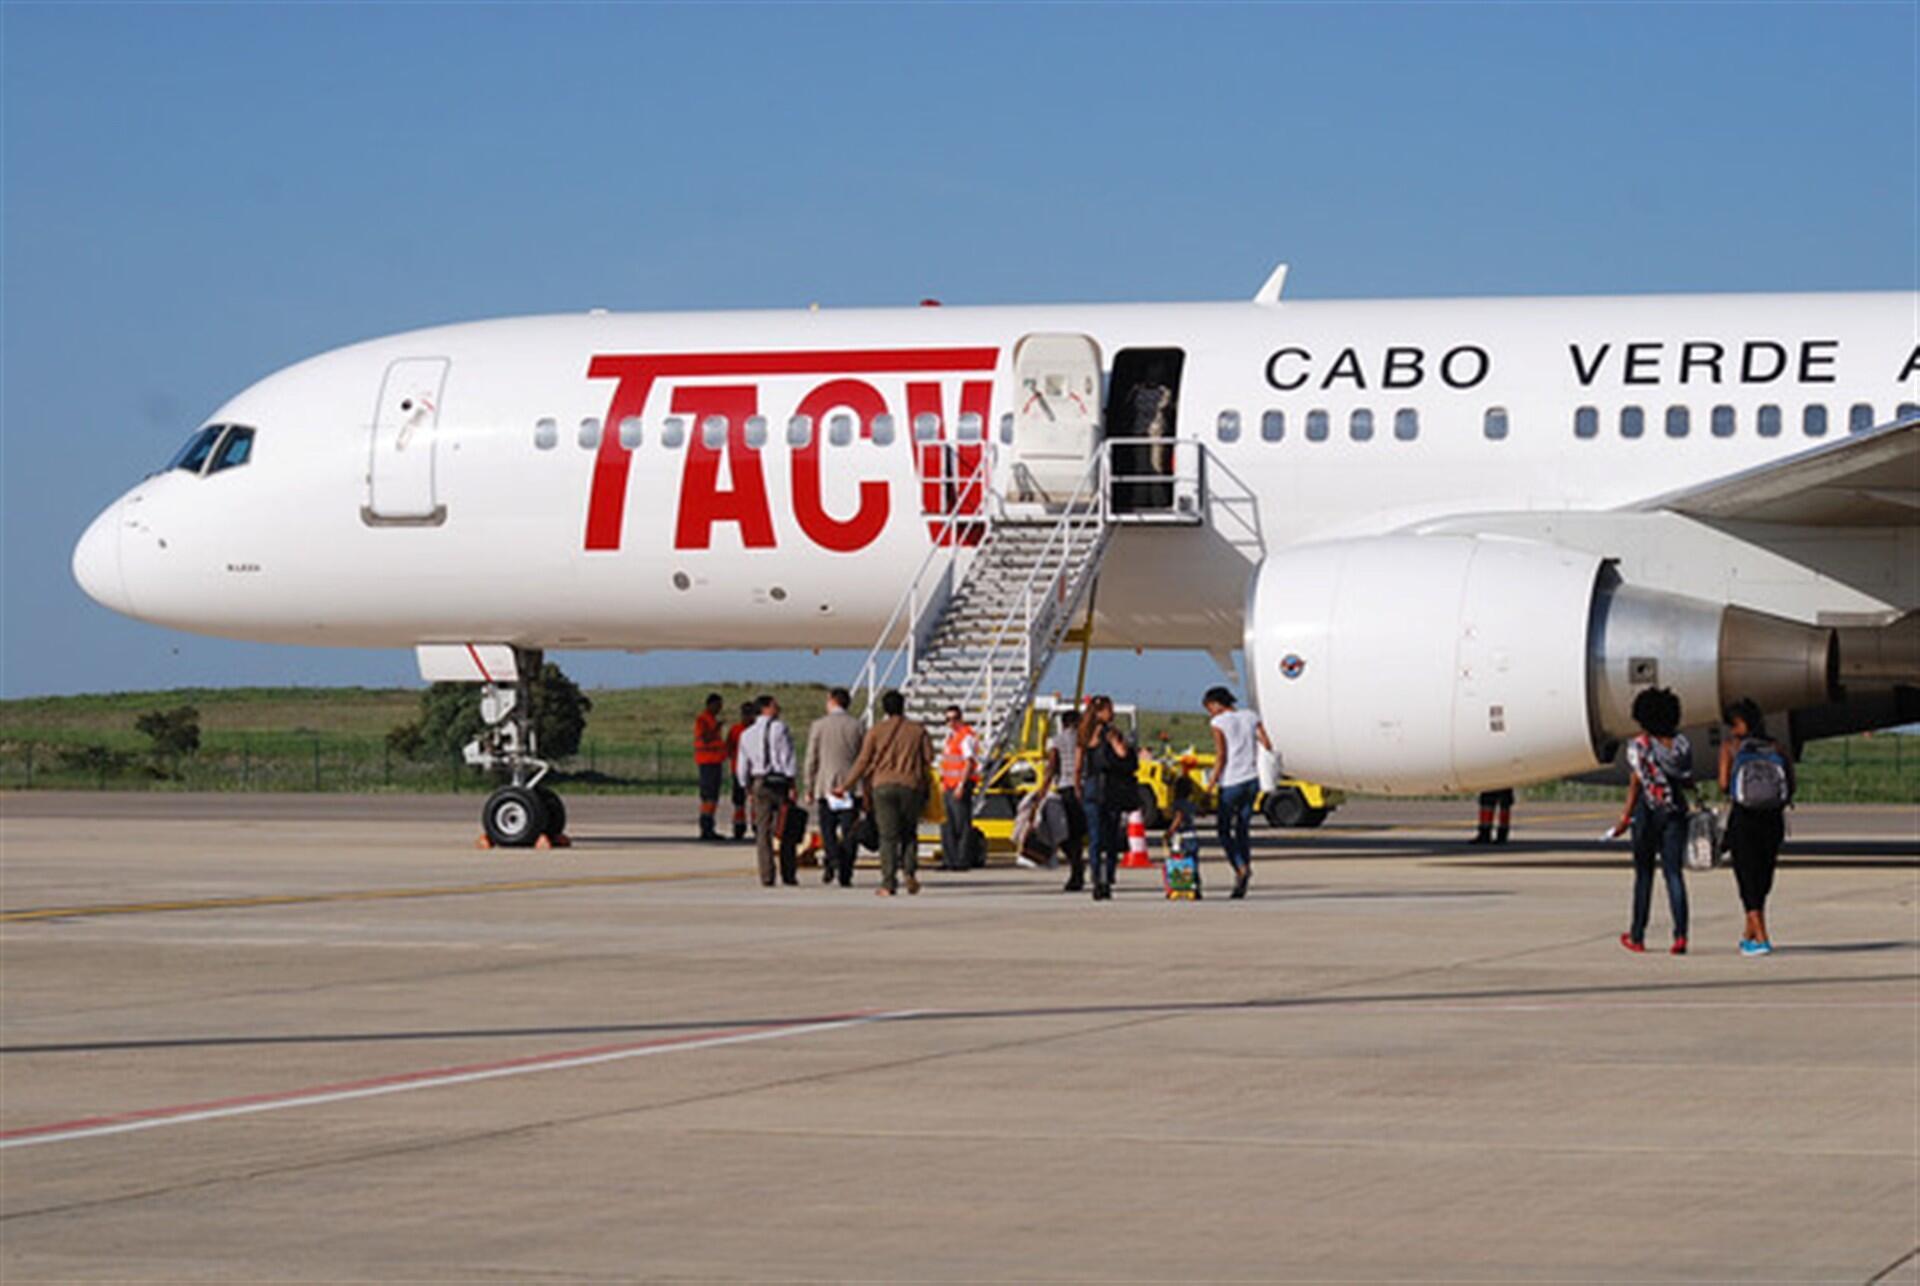 Avião da TACV, companhia aérea de Cabo Verde, em processo de reestruturação.